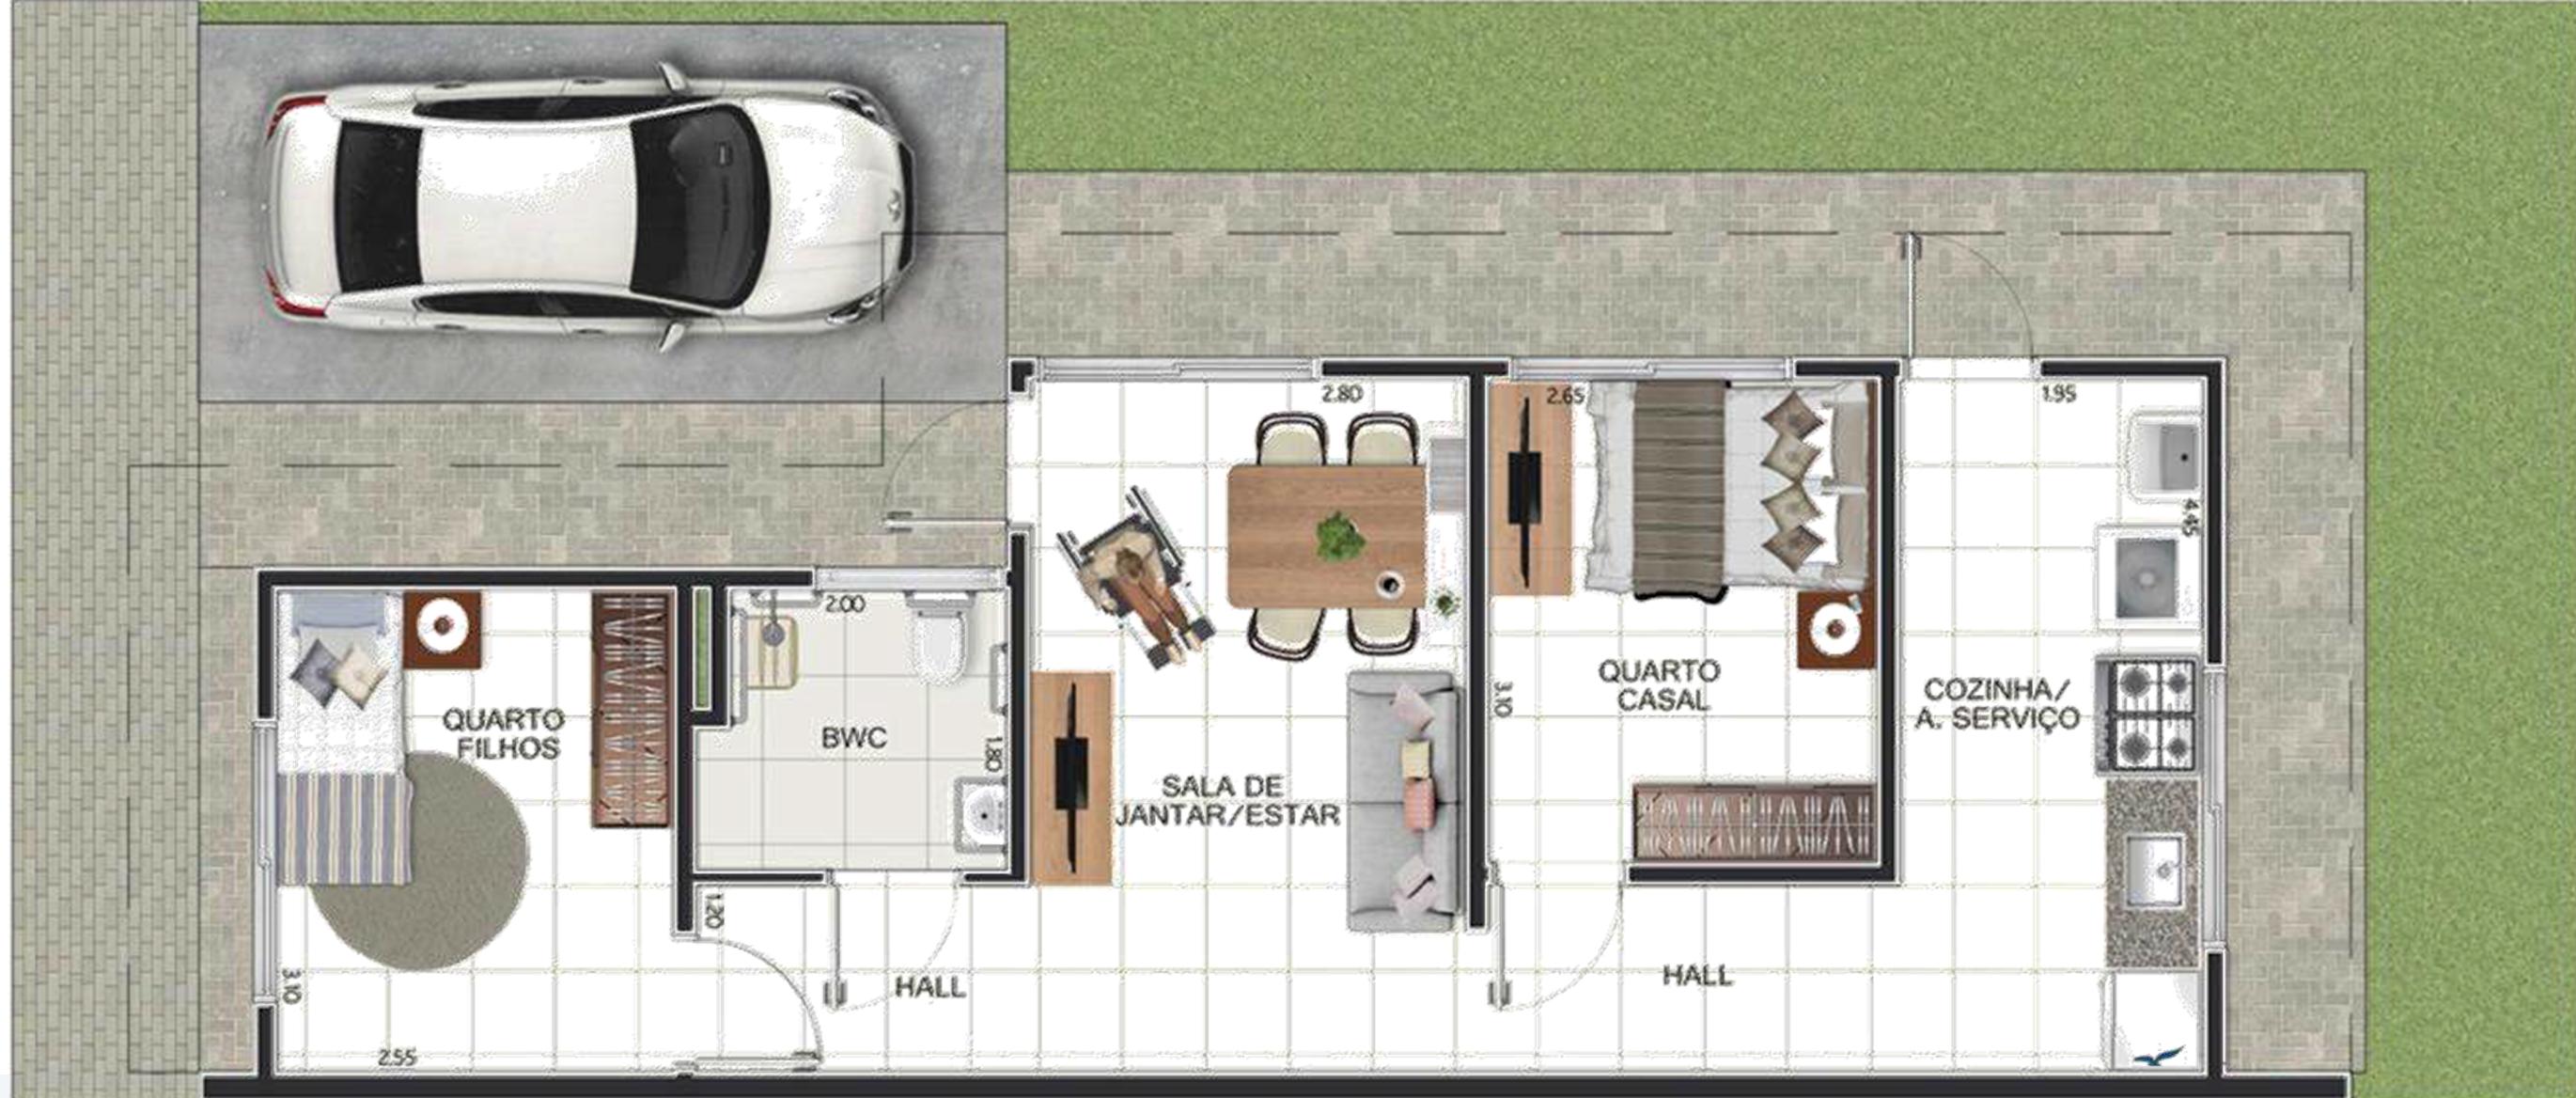 Planta Baixa - Casa térrea TIPO A